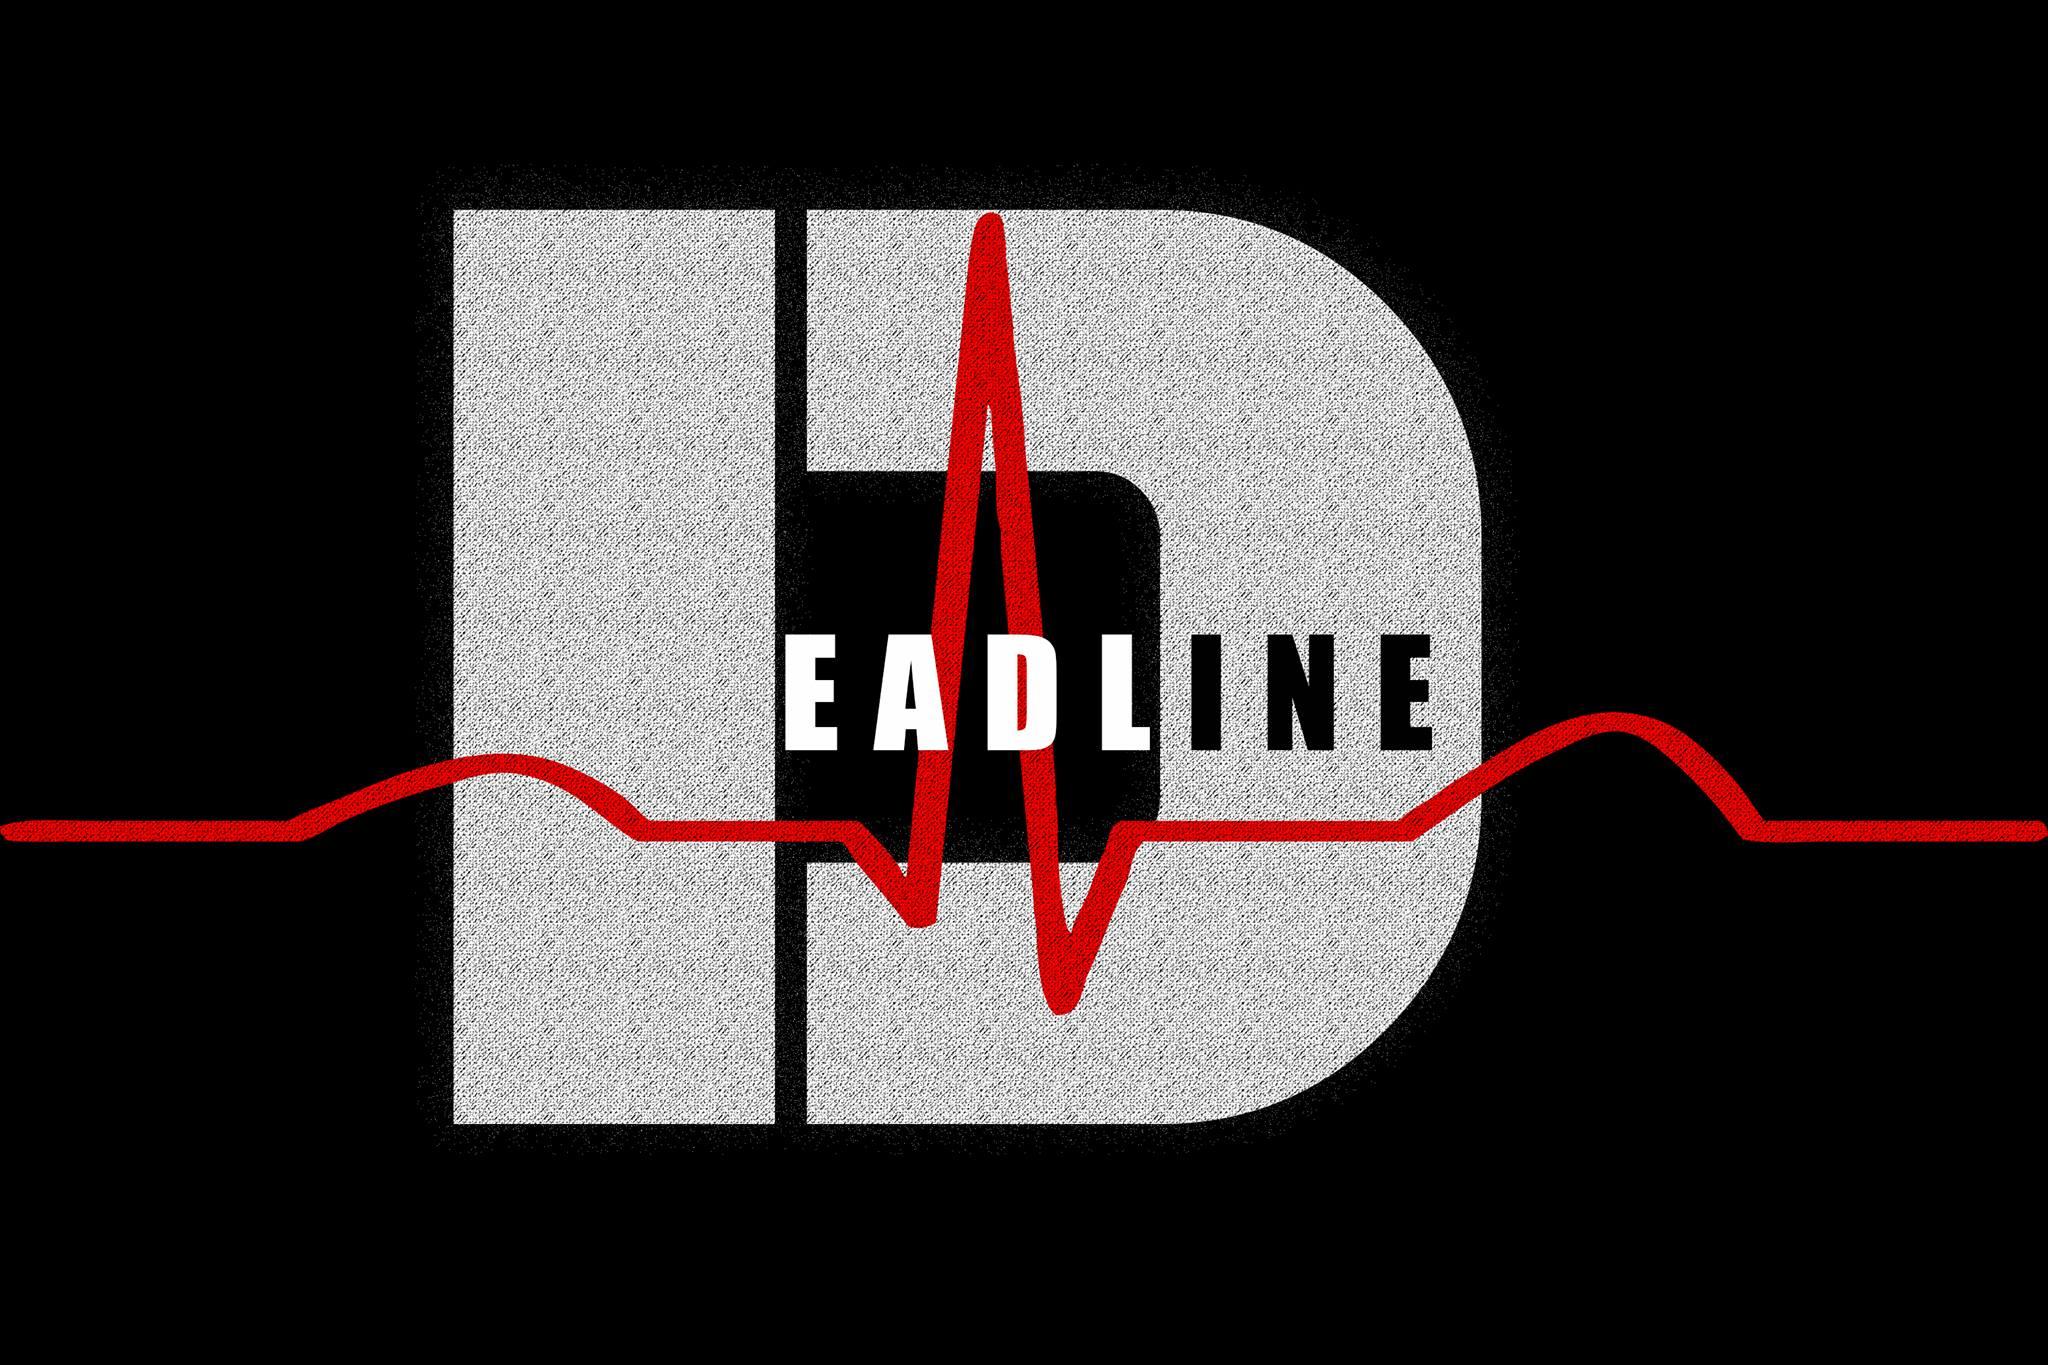 Deadline - logo